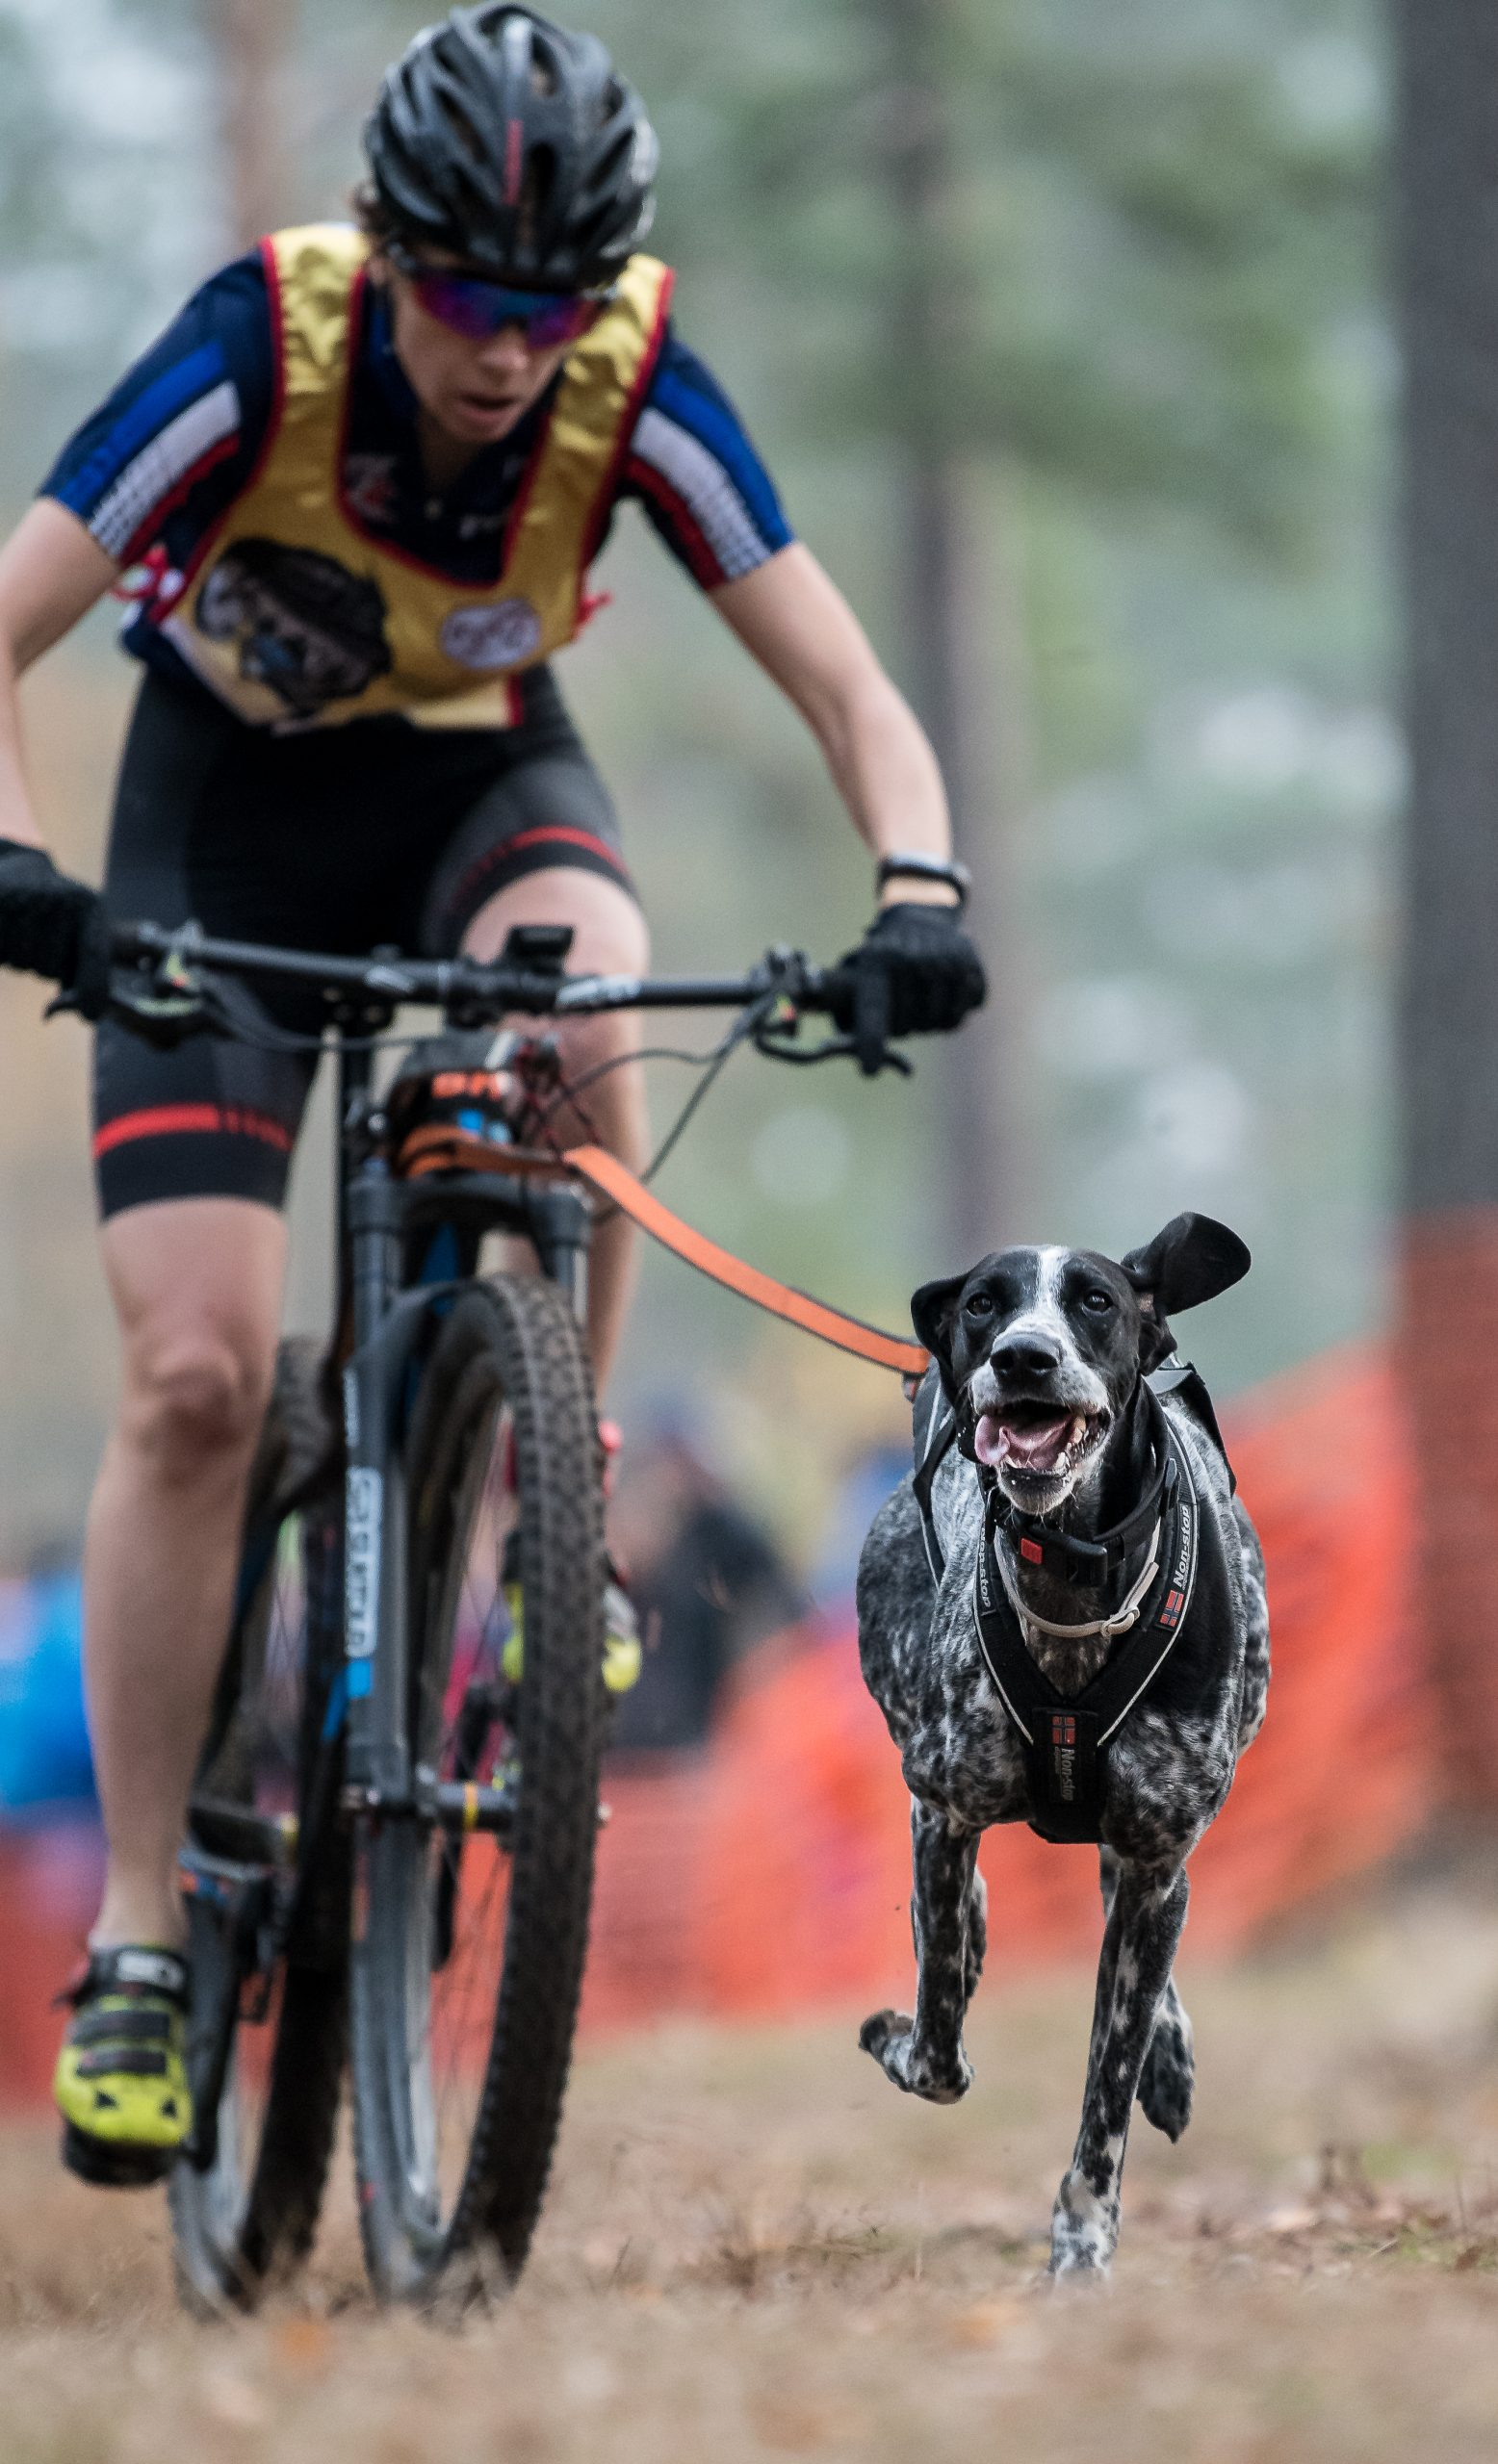 Anne Fulleringer avec sa chienne Tail lors d'une compétition en caniVTT. Crédit photo Stefan Andersson.